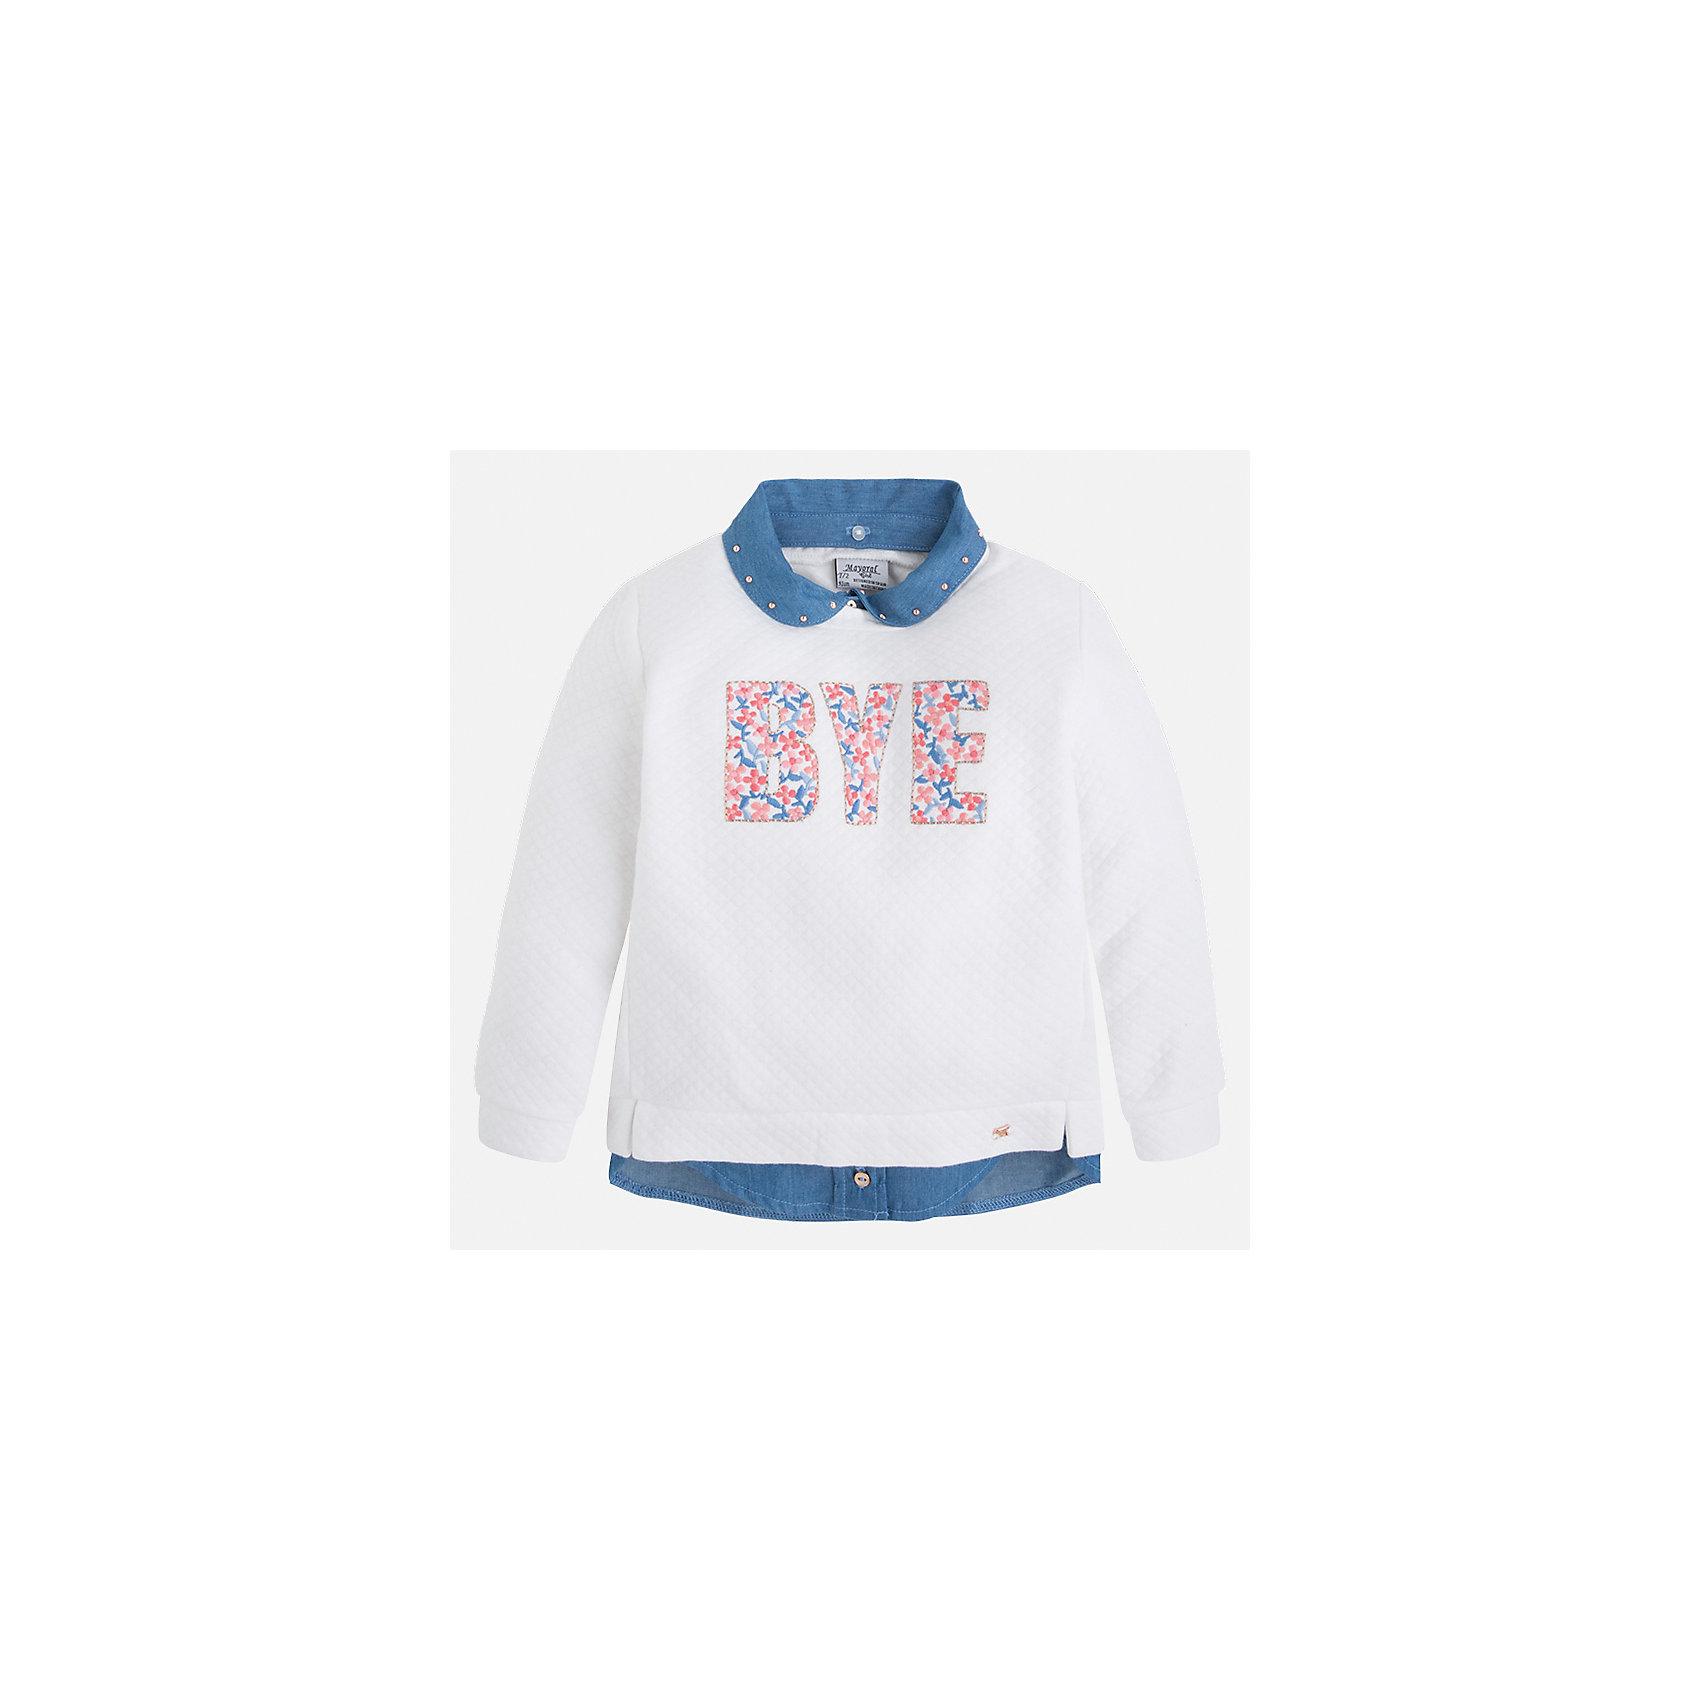 Толстовка для девочки MayoralТолстовки<br>Характеристики товара:<br><br>• цвет: белый<br>• состав: 85% хлопок, 15% полиэстер<br>• комбинированный материал<br>• ворот декорирован стразами<br>• с длинными рукавами <br>• имитация двухслойности<br>• страна бренда: Испания<br><br>Удобный и красивый свитер для девочки поможет разнообразить гардероб ребенка и украсить наряд. Он отлично сочетается и с юбками, и с брюками. Универсальный цвет позволяет подобрать к вещи низ различных расцветок. Интересная отделка модели делает её нарядной и оригинальной. В составе материала - натуральный хлопок, гипоаллергенный, приятный на ощупь, дышащий.<br><br>Одежда, обувь и аксессуары от испанского бренда Mayoral полюбились детям и взрослым по всему миру. Модели этой марки - стильные и удобные. Для их производства используются только безопасные, качественные материалы и фурнитура. Порадуйте ребенка модными и красивыми вещами от Mayoral! <br><br>Свитер для девочки от испанского бренда Mayoral (Майорал) можно купить в нашем интернет-магазине.<br><br>Ширина мм: 190<br>Глубина мм: 74<br>Высота мм: 229<br>Вес г: 236<br>Цвет: бежевый<br>Возраст от месяцев: 24<br>Возраст до месяцев: 36<br>Пол: Женский<br>Возраст: Детский<br>Размер: 98,104,110,116,122,128,134,92<br>SKU: 5290011